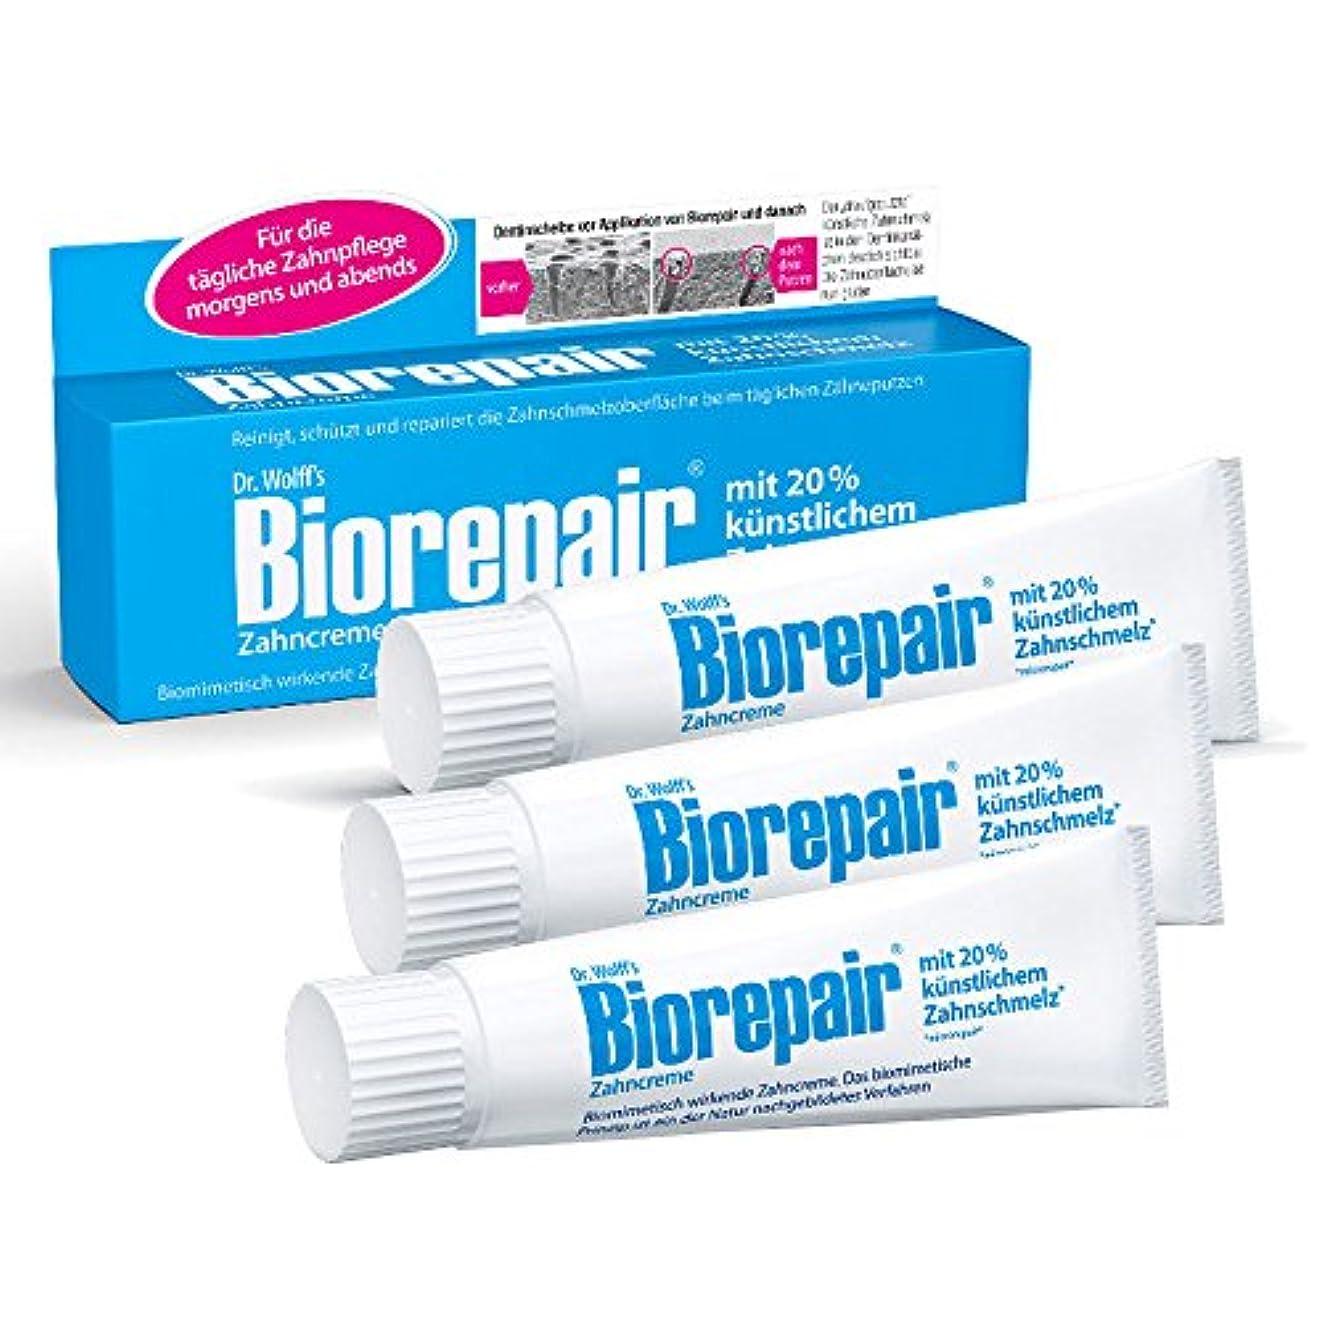 フラップ注入するビバBiorepair 歯磨き粉オリジナル、75ml 歯の保護 耐摩耗性 x 3 [並行輸入品]